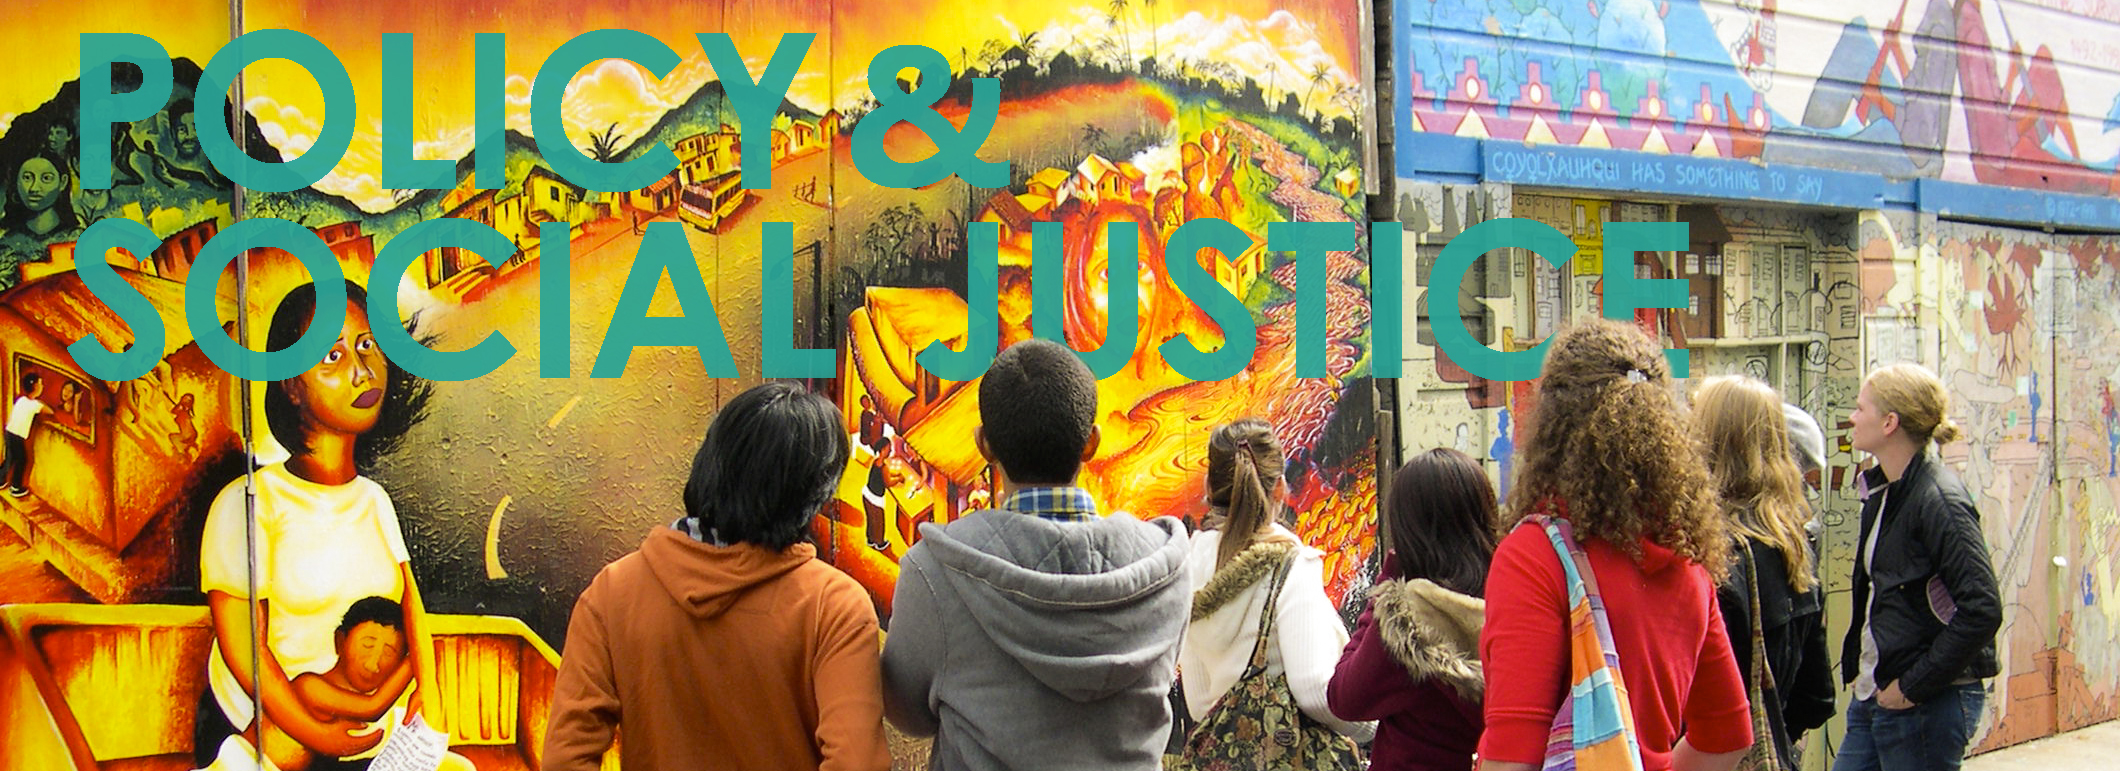 socialjustice banner